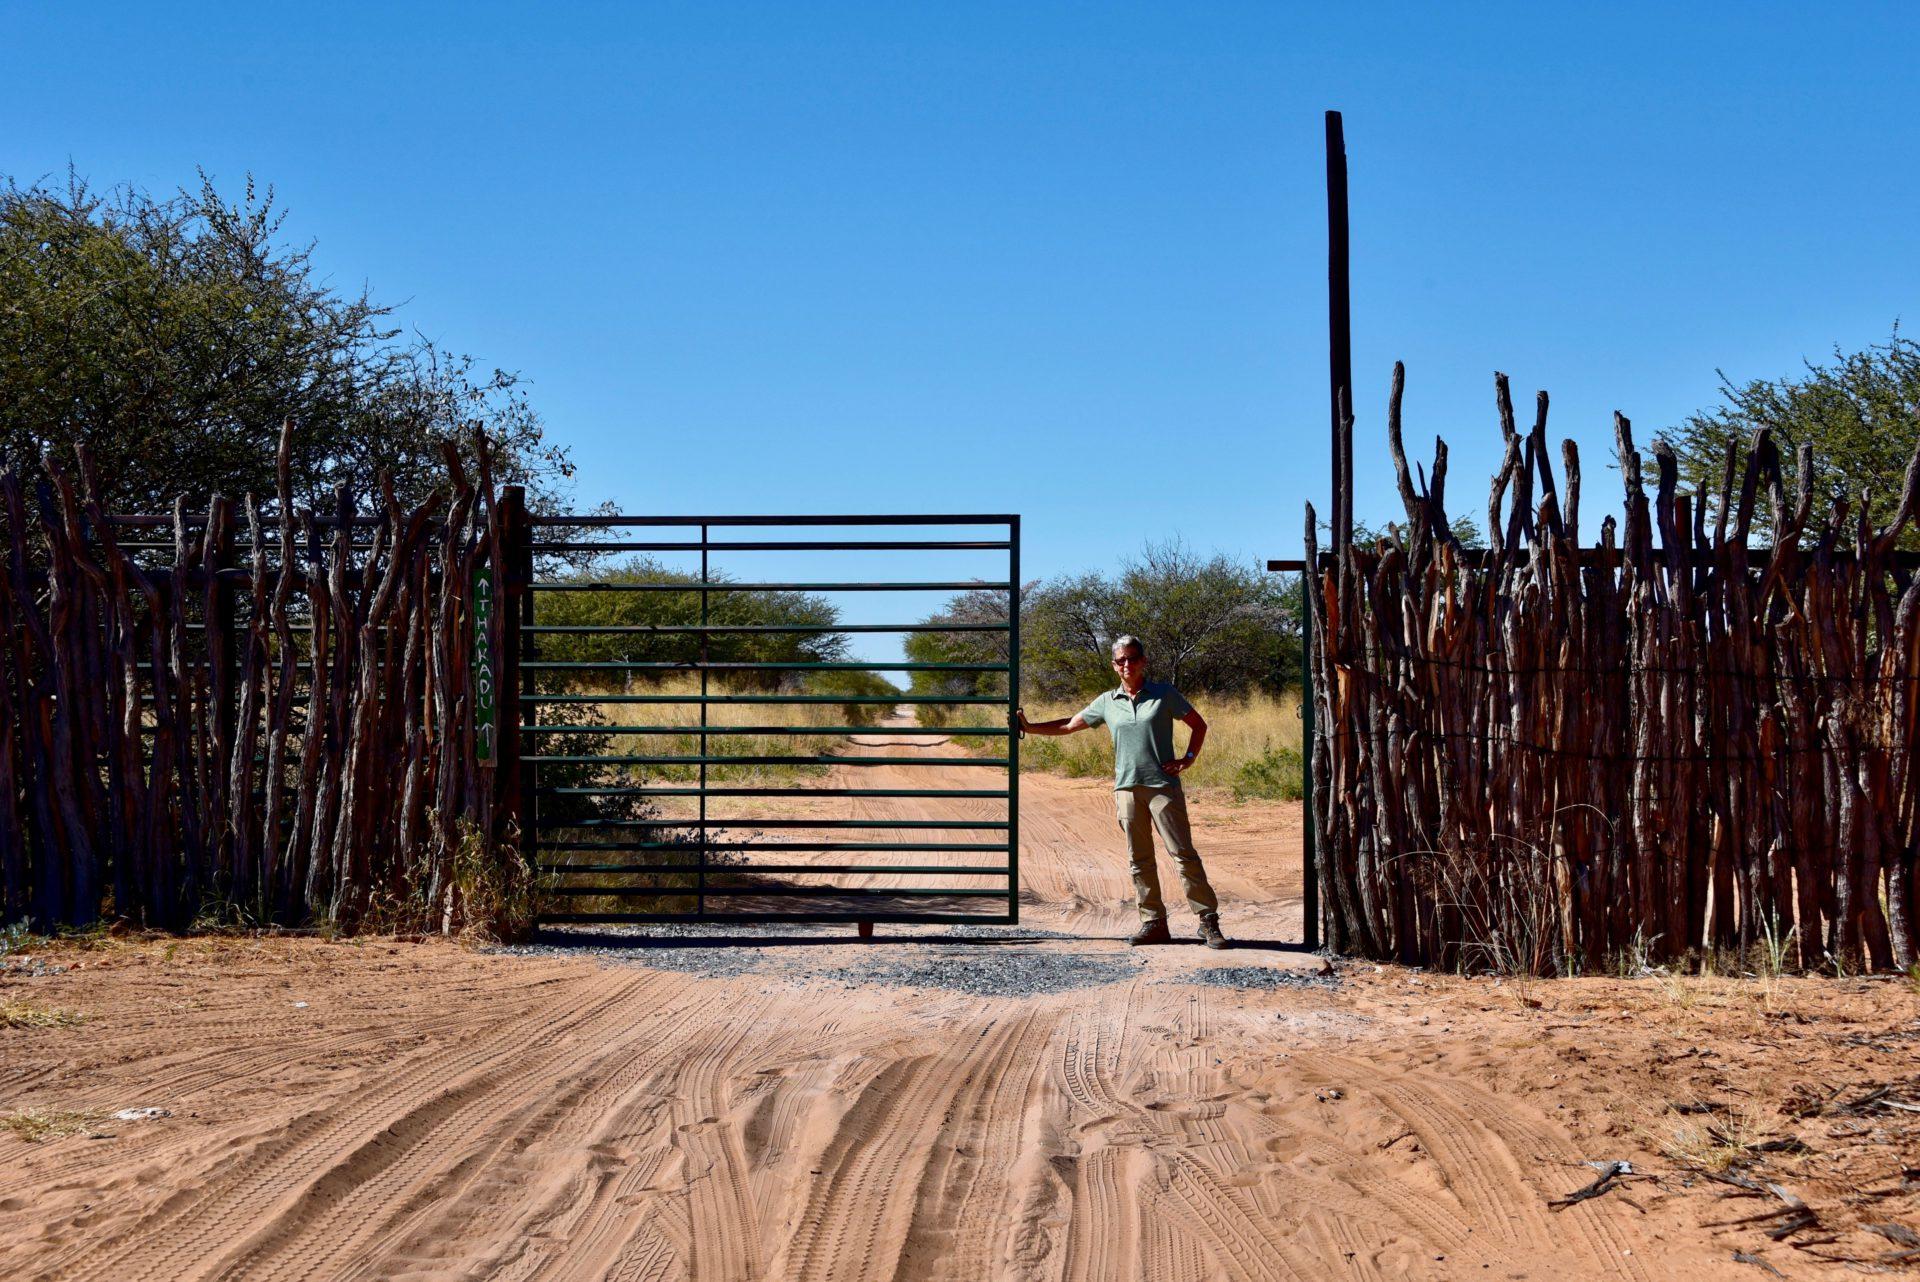 THAKADU BUSH CAMP - Ghanzi - Botswana